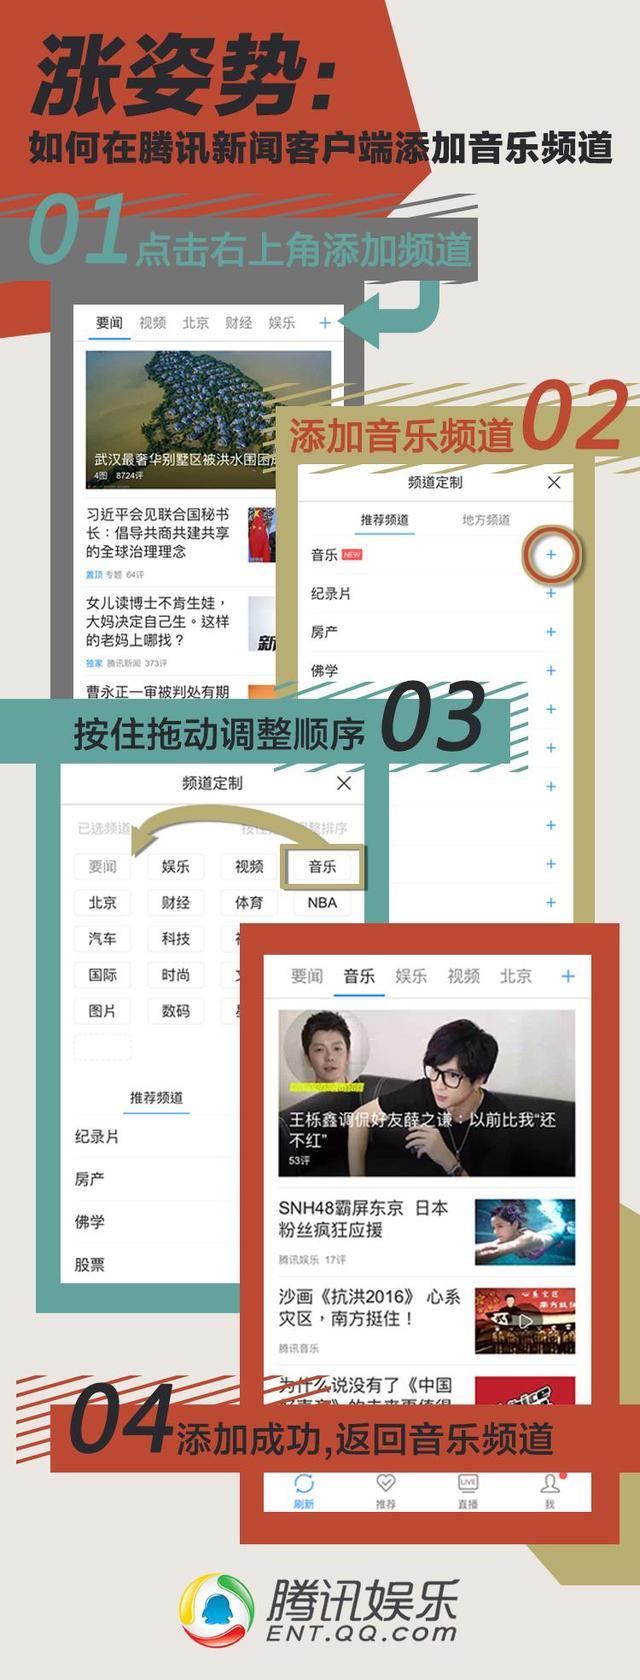 """张杰""""我想""""巡演北京站震撼落幕 四万人狂欢谢娜助阵"""